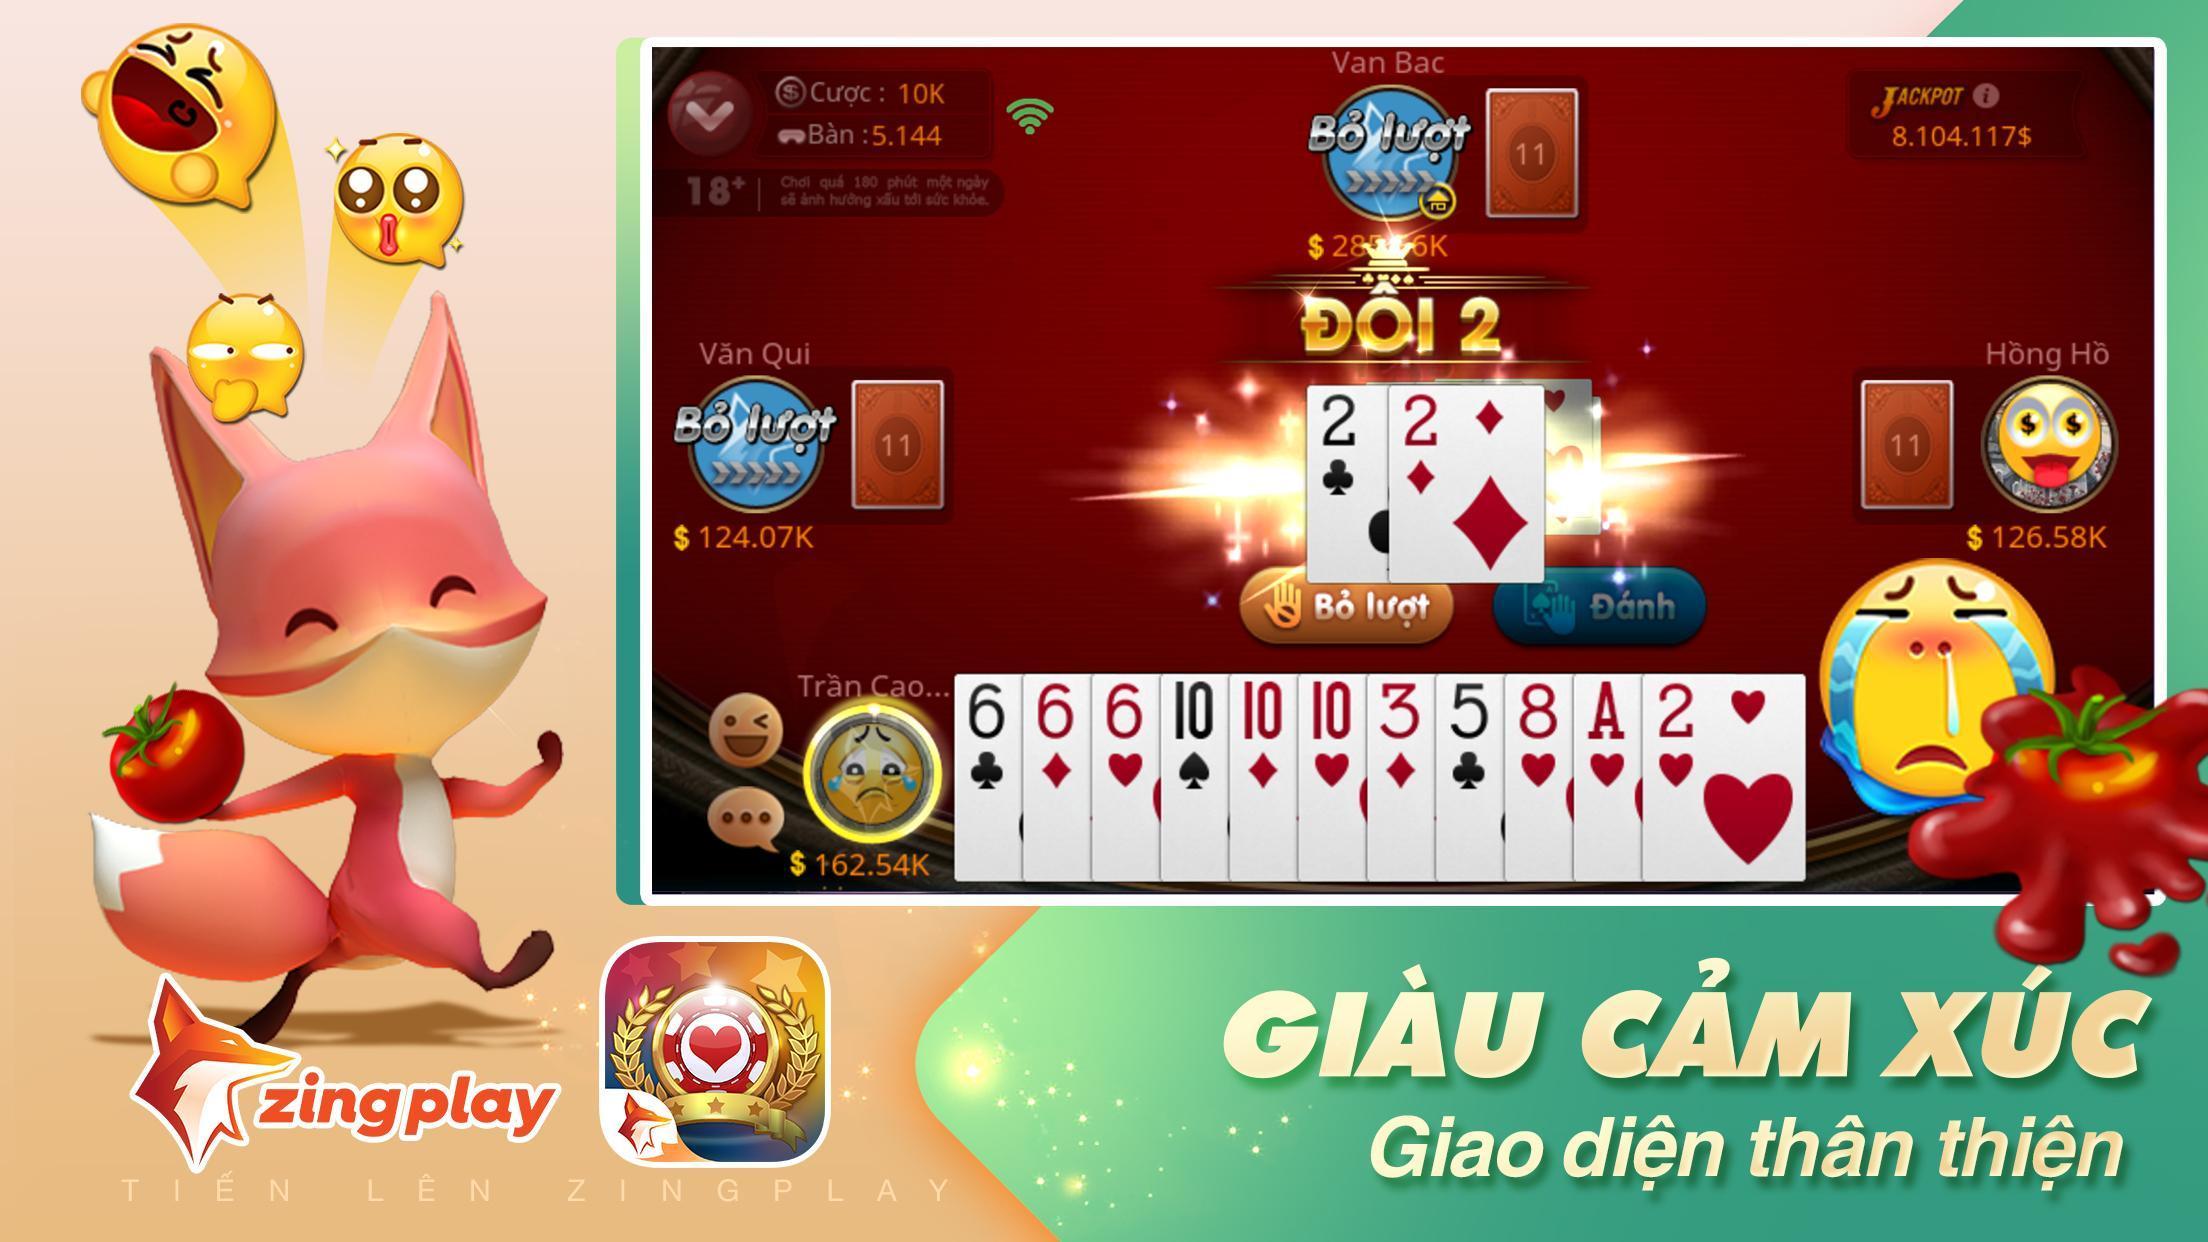 Tiến lên Miền Nam- Tiến Lên - tien len - ZingPlay 4.9 Screenshot 3